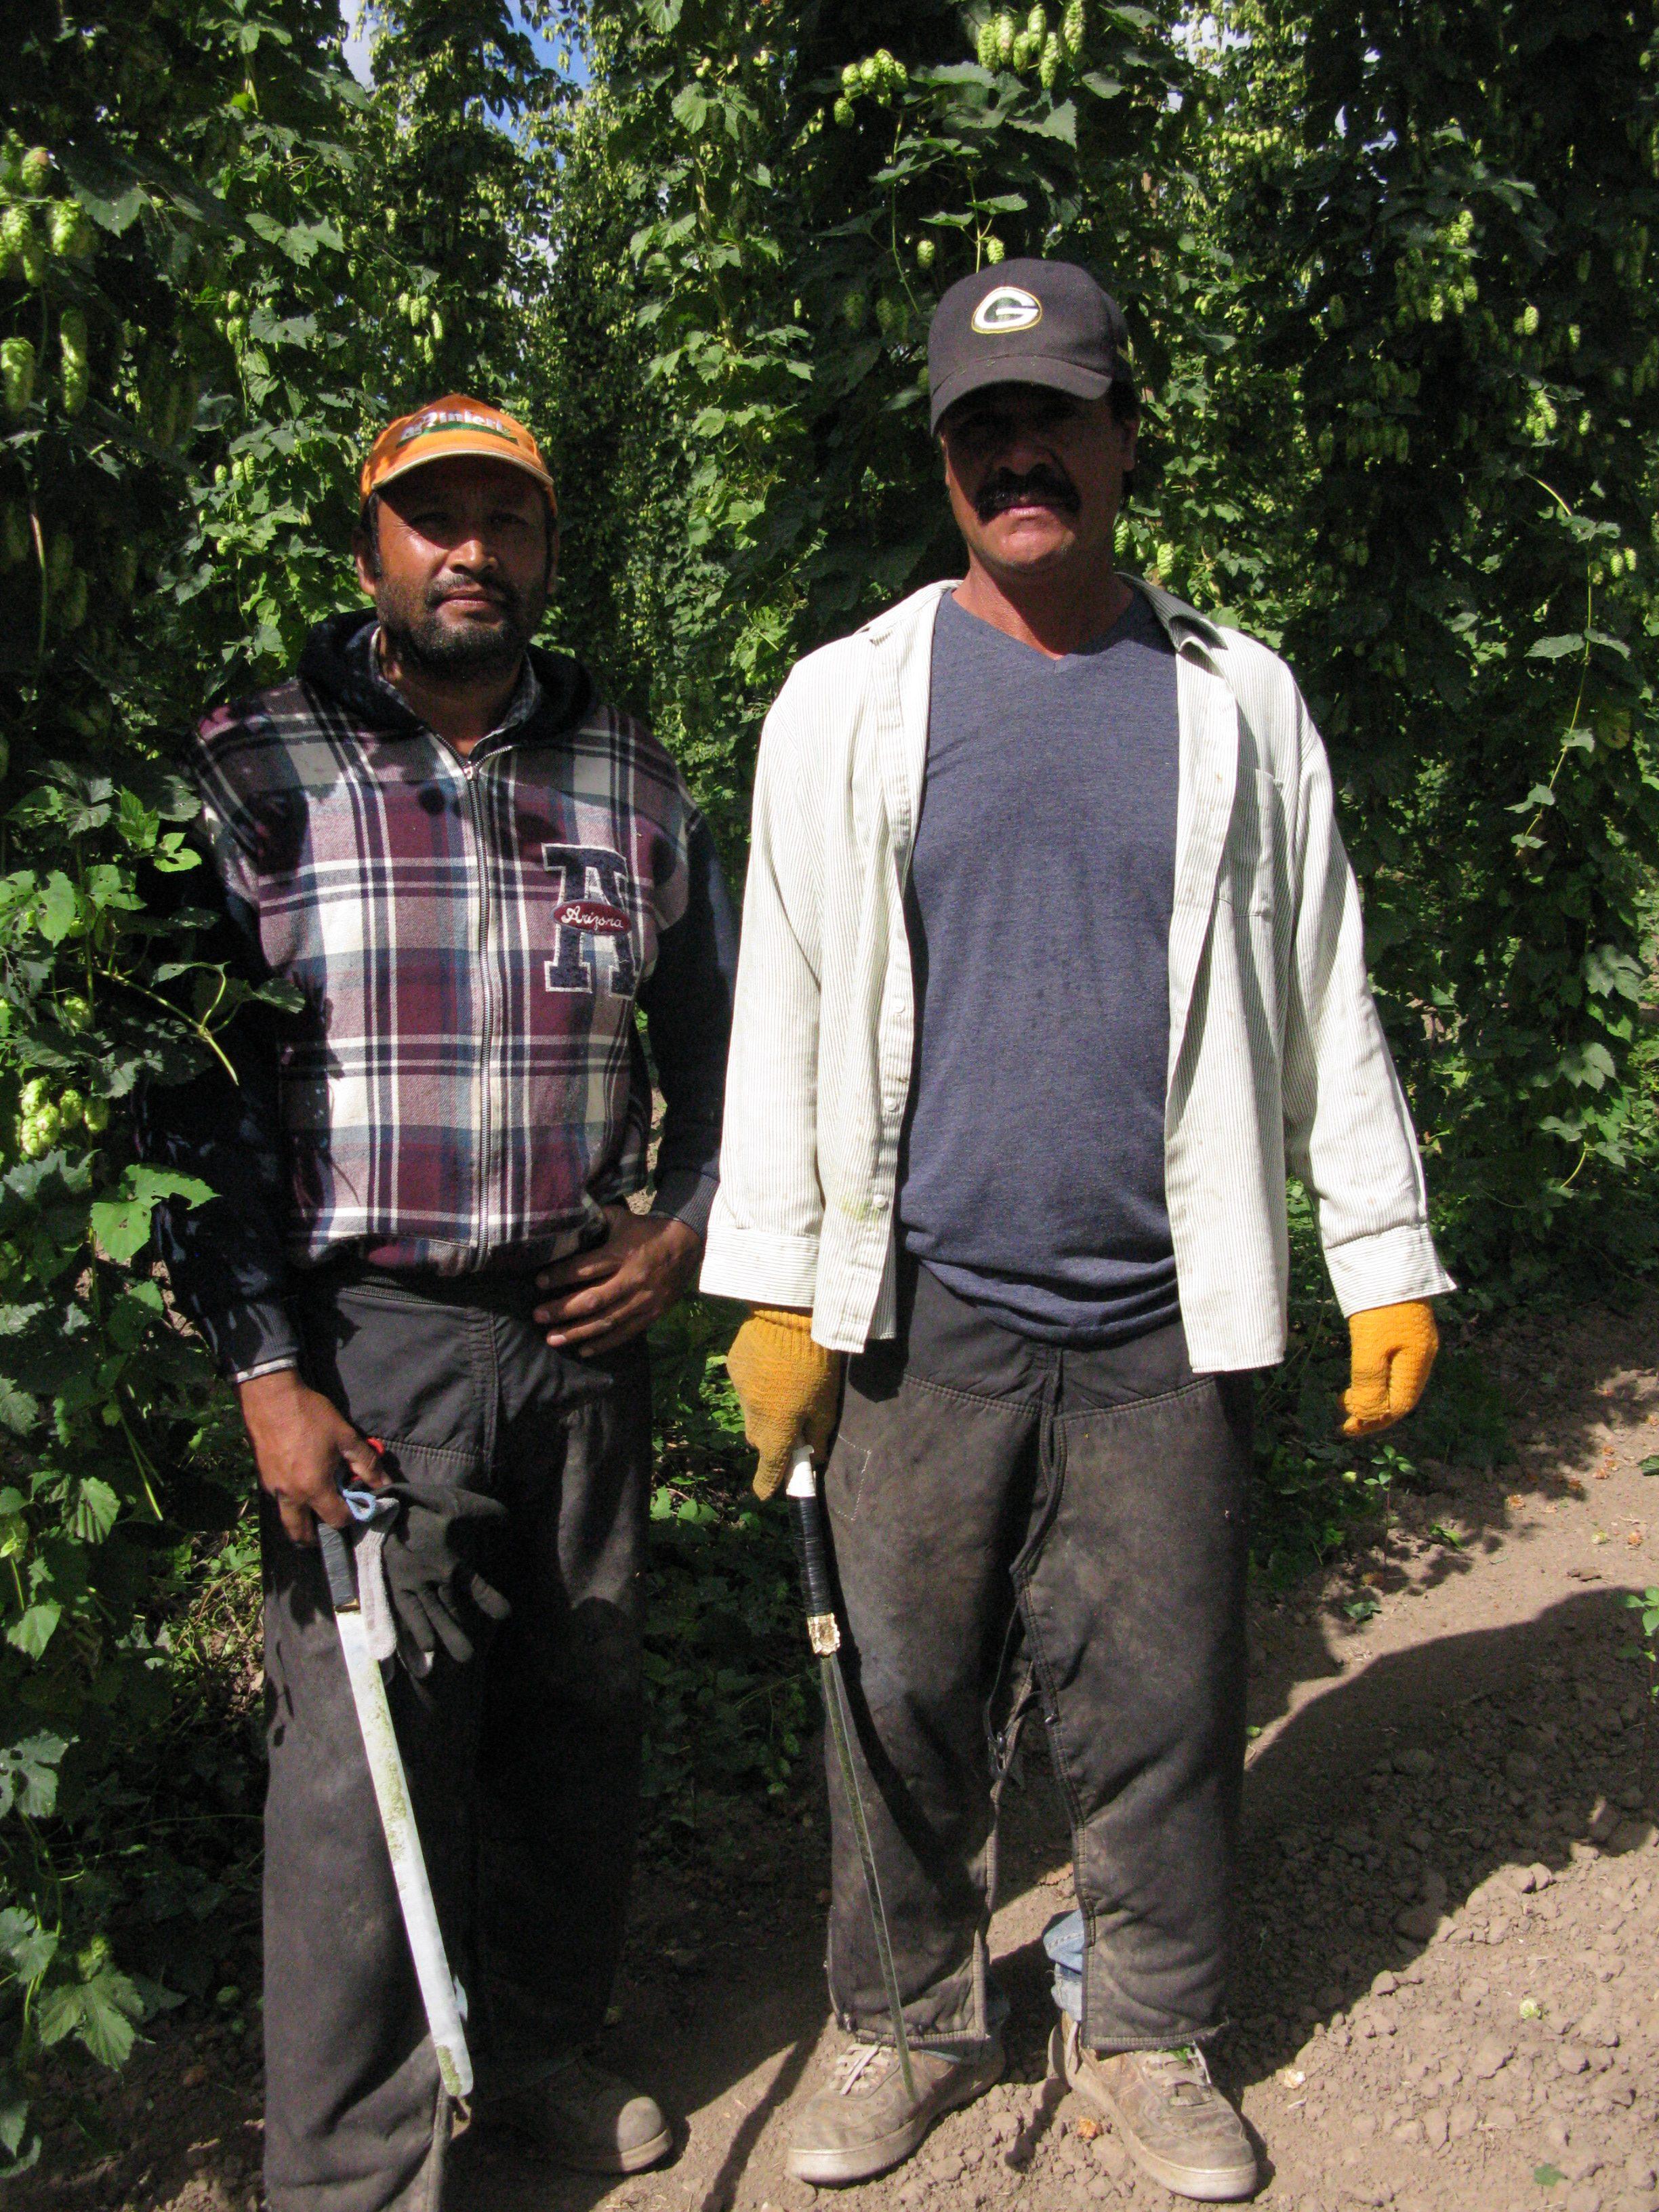 Machete men of the hop fields. (FoystonFoto)